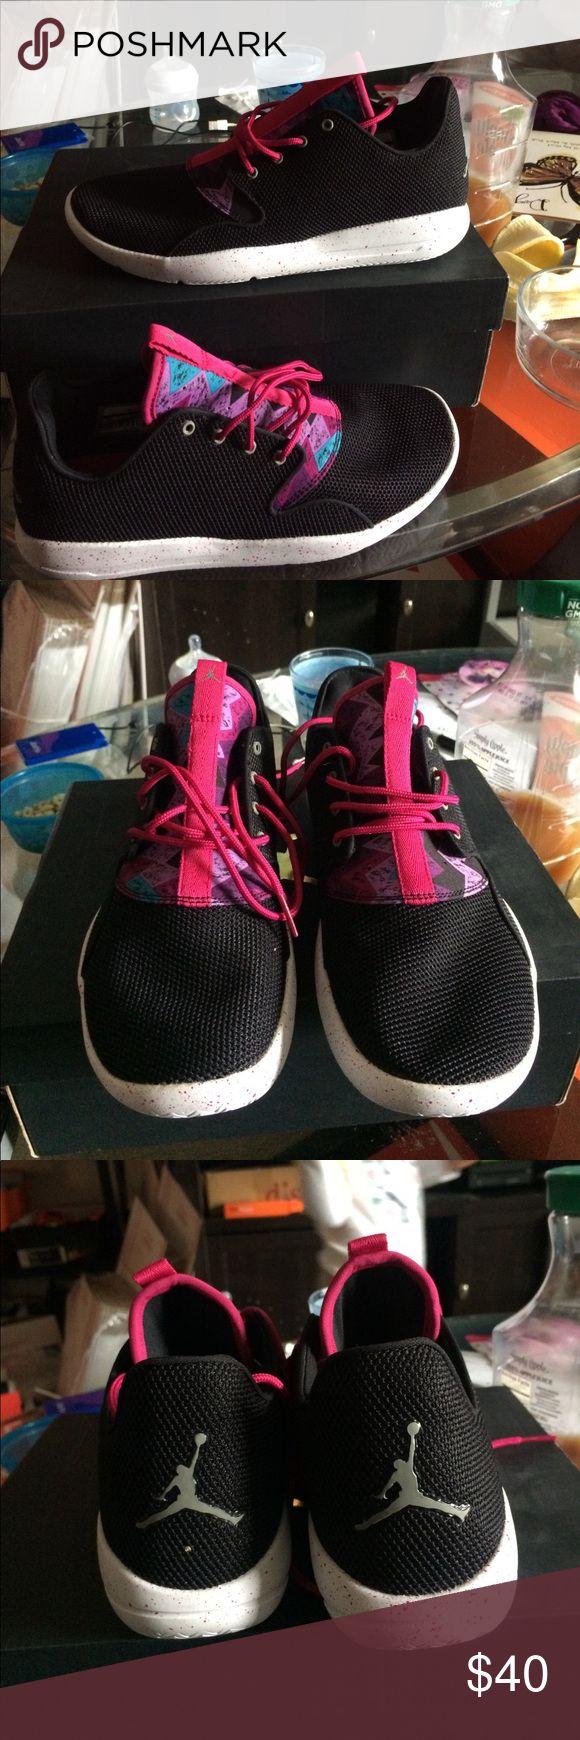 New jordan girls fashion sneakers New jordan girls fashion sneakers size 7y color black Jordan Shoes Sneakers